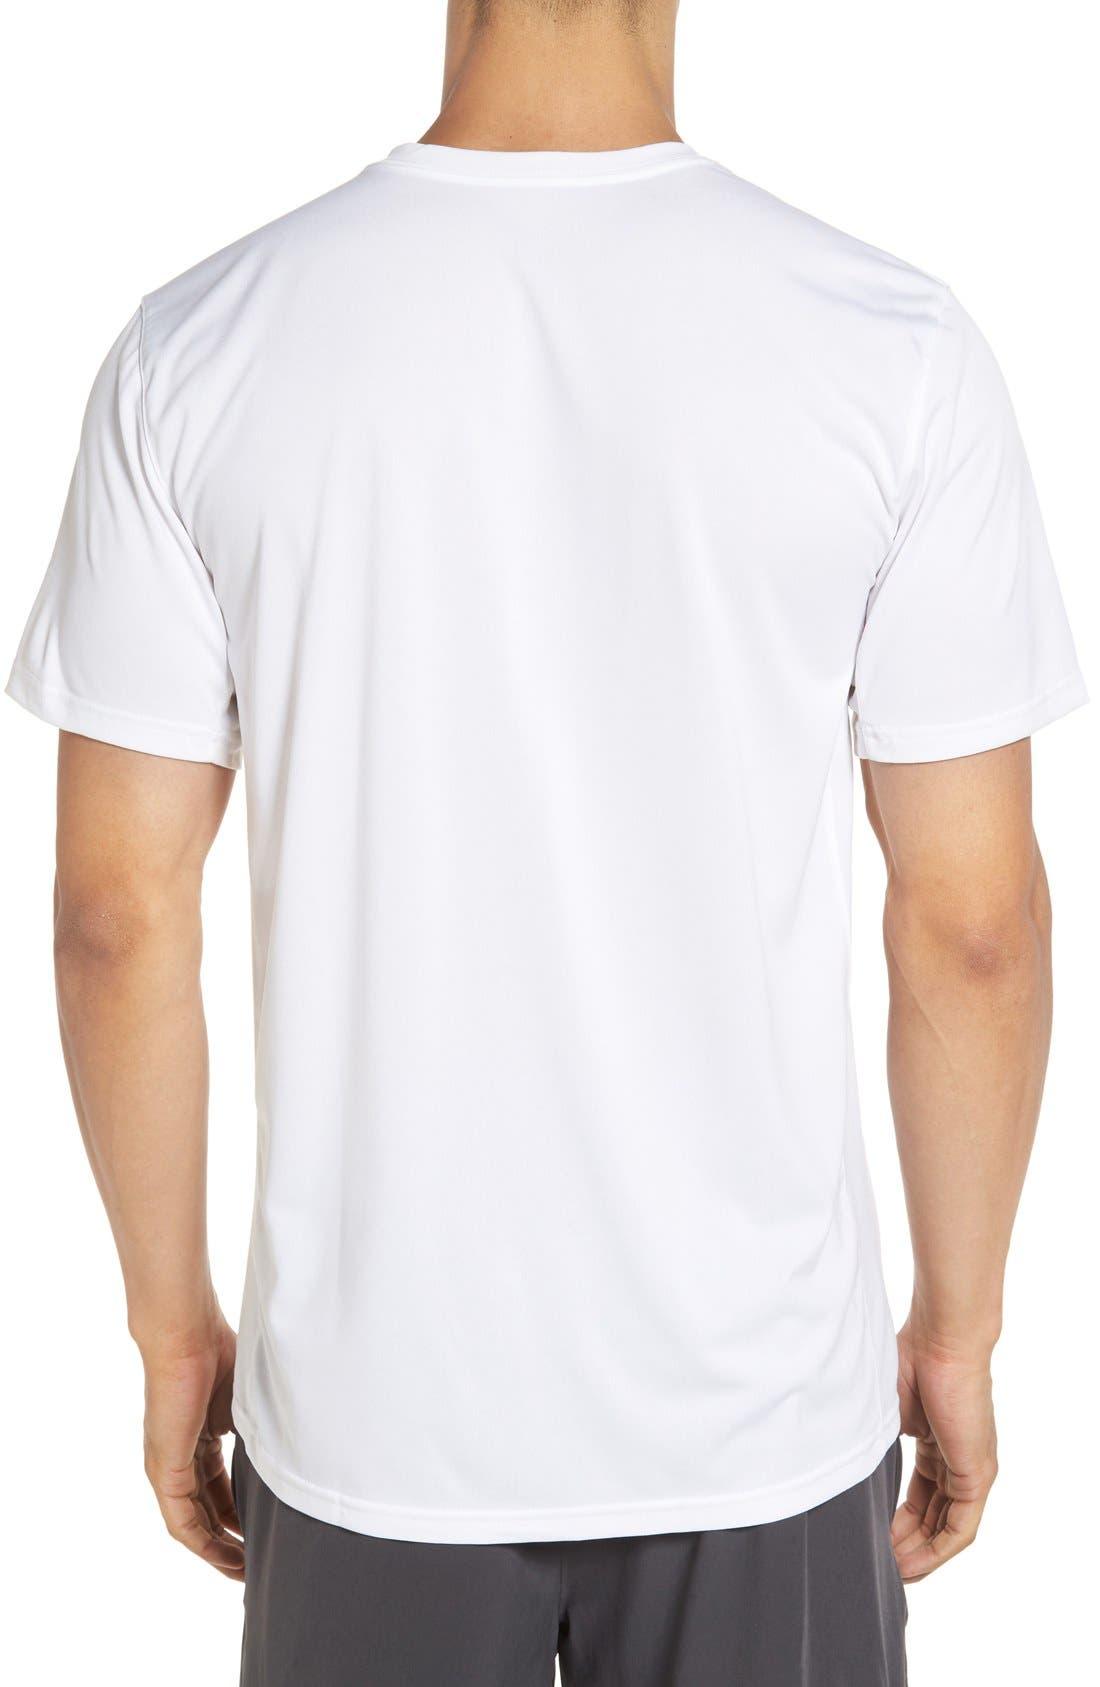 'Legend 2.0' Dri-FIT Training T-Shirt,                             Alternate thumbnail 2, color,                             White/ Black/ Black